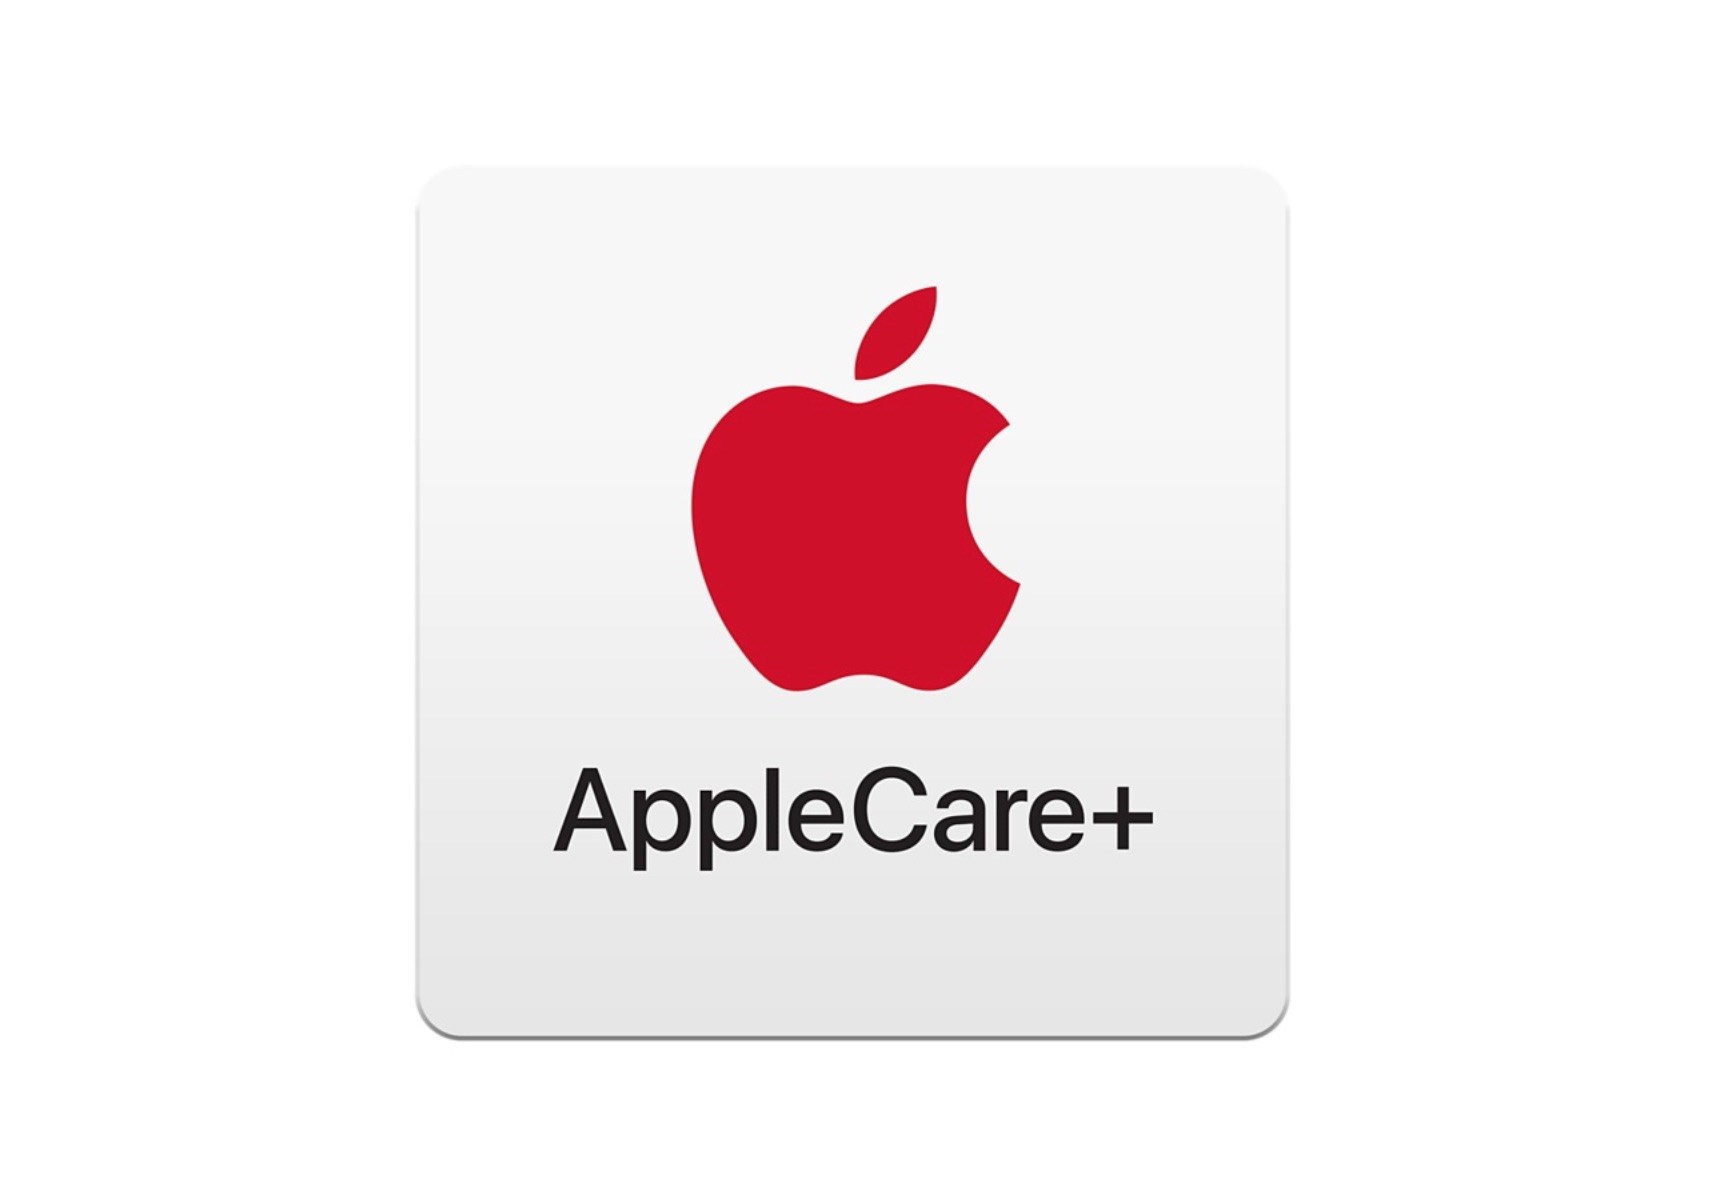 【解説】iPhone/Apple Watch購入後に「AppleCare+」に加入する方法や条件